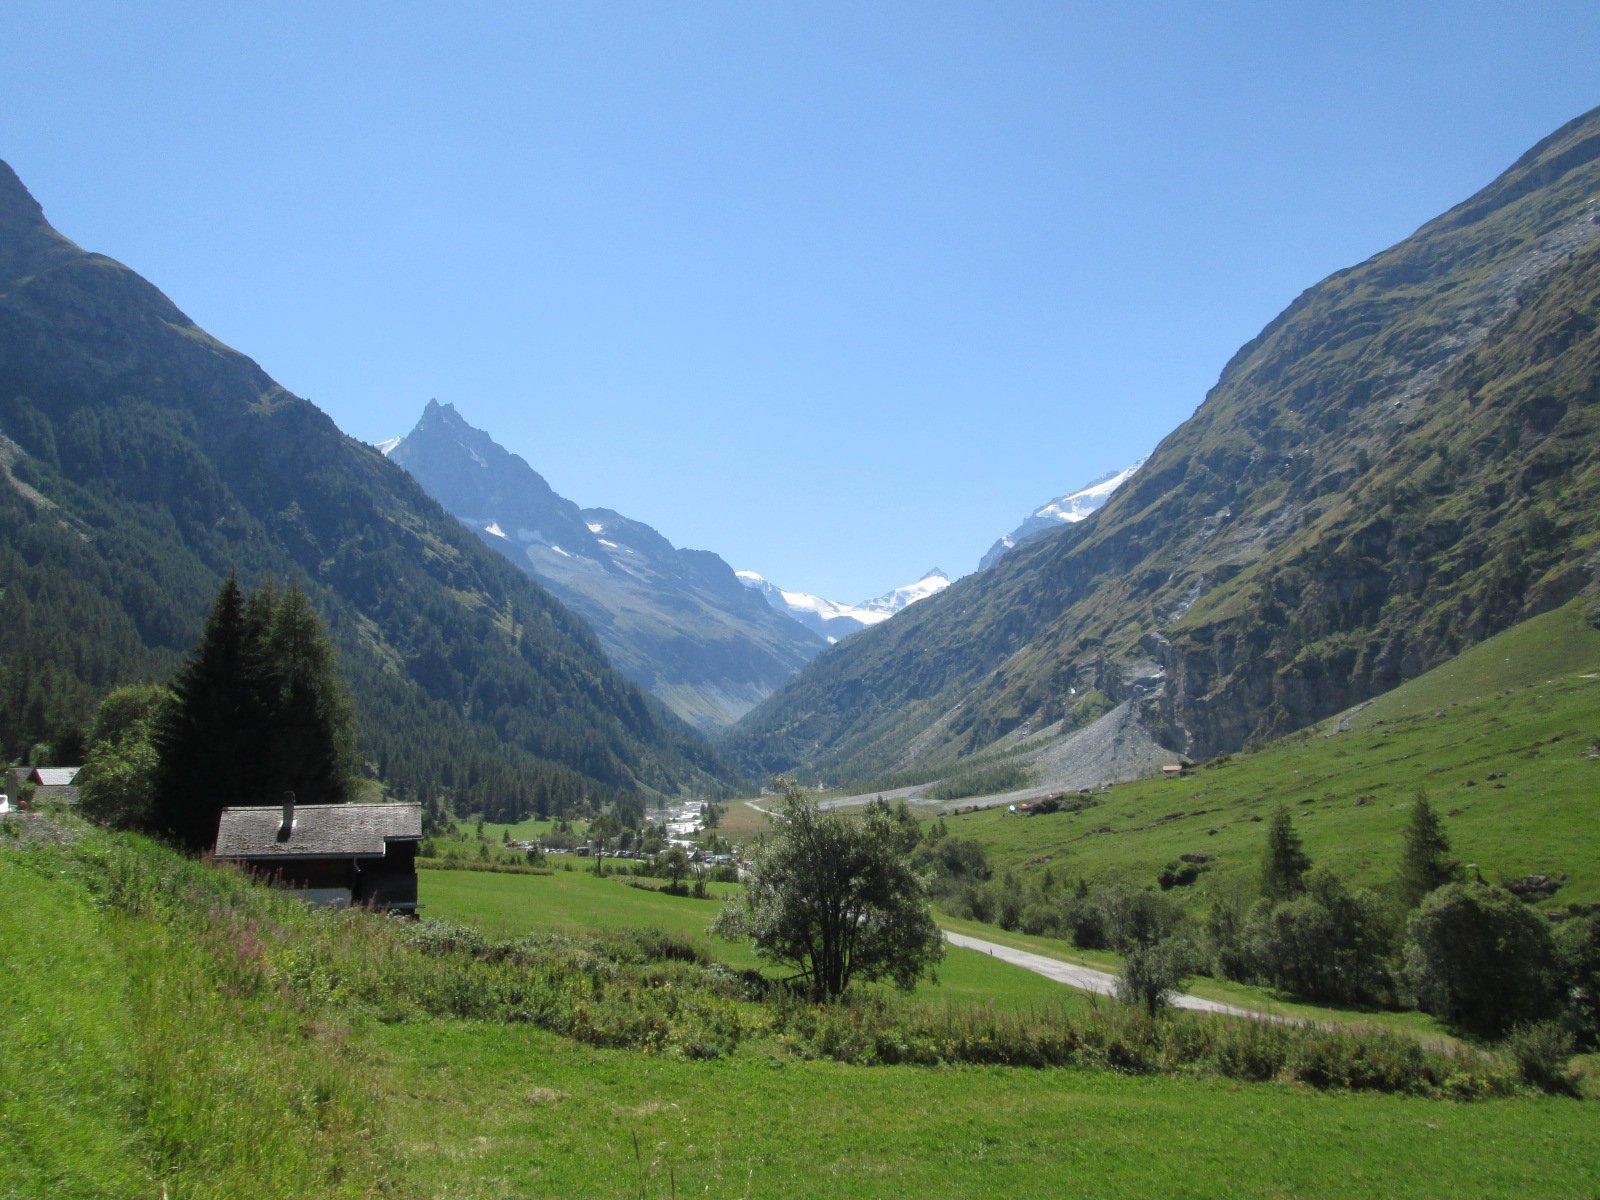 la bellissima valle di Zinal